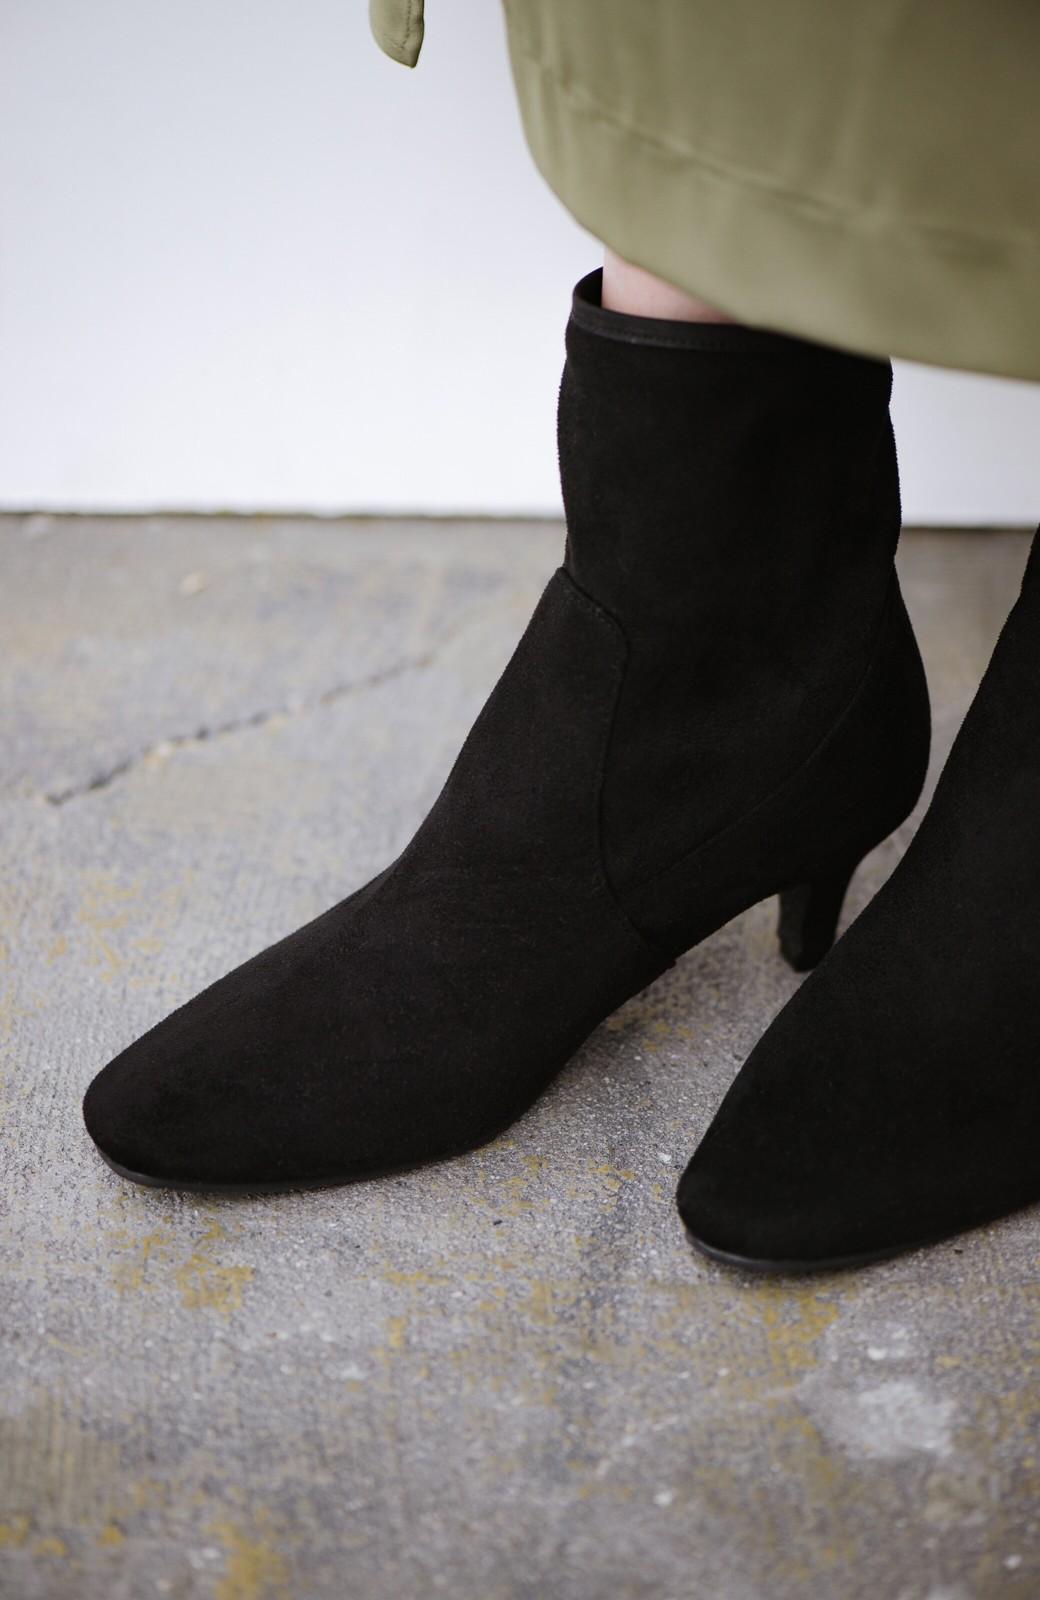 haco! デニムにもスカートにも似合う!すぽっと履けてスタイルアップが叶う女っぽフェイクスエードブーツ <ブラック>の商品写真2